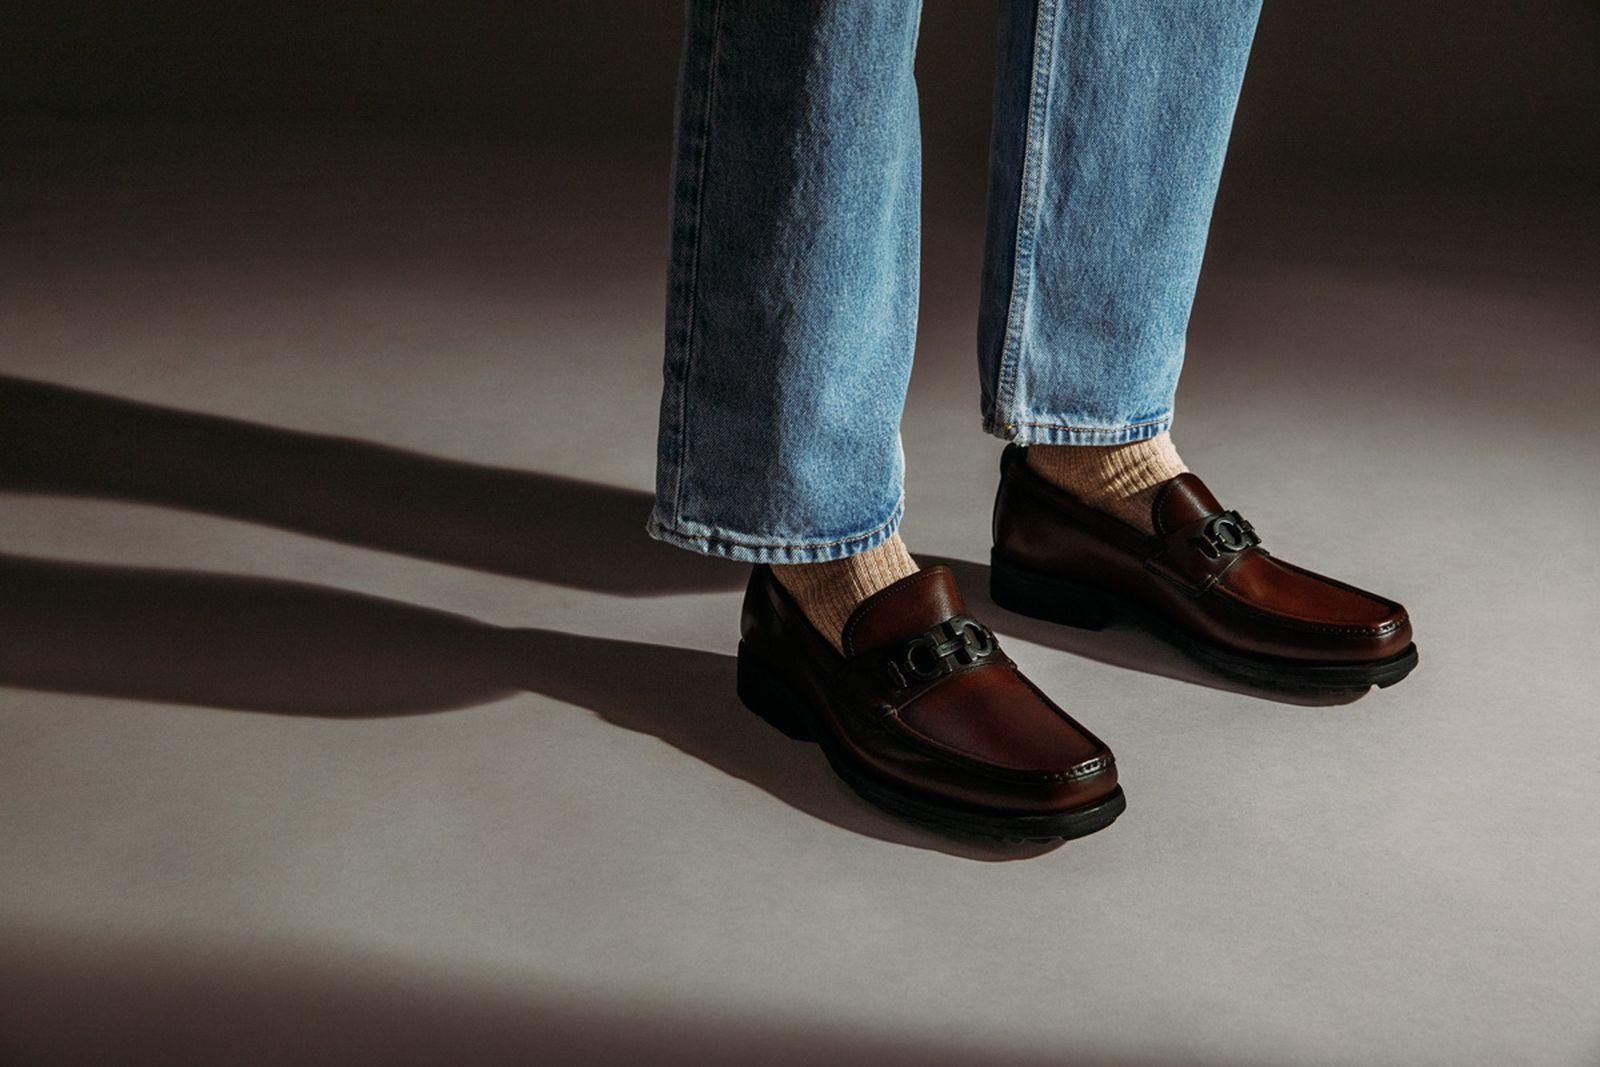 ferragamo-footwear-style-guide-07